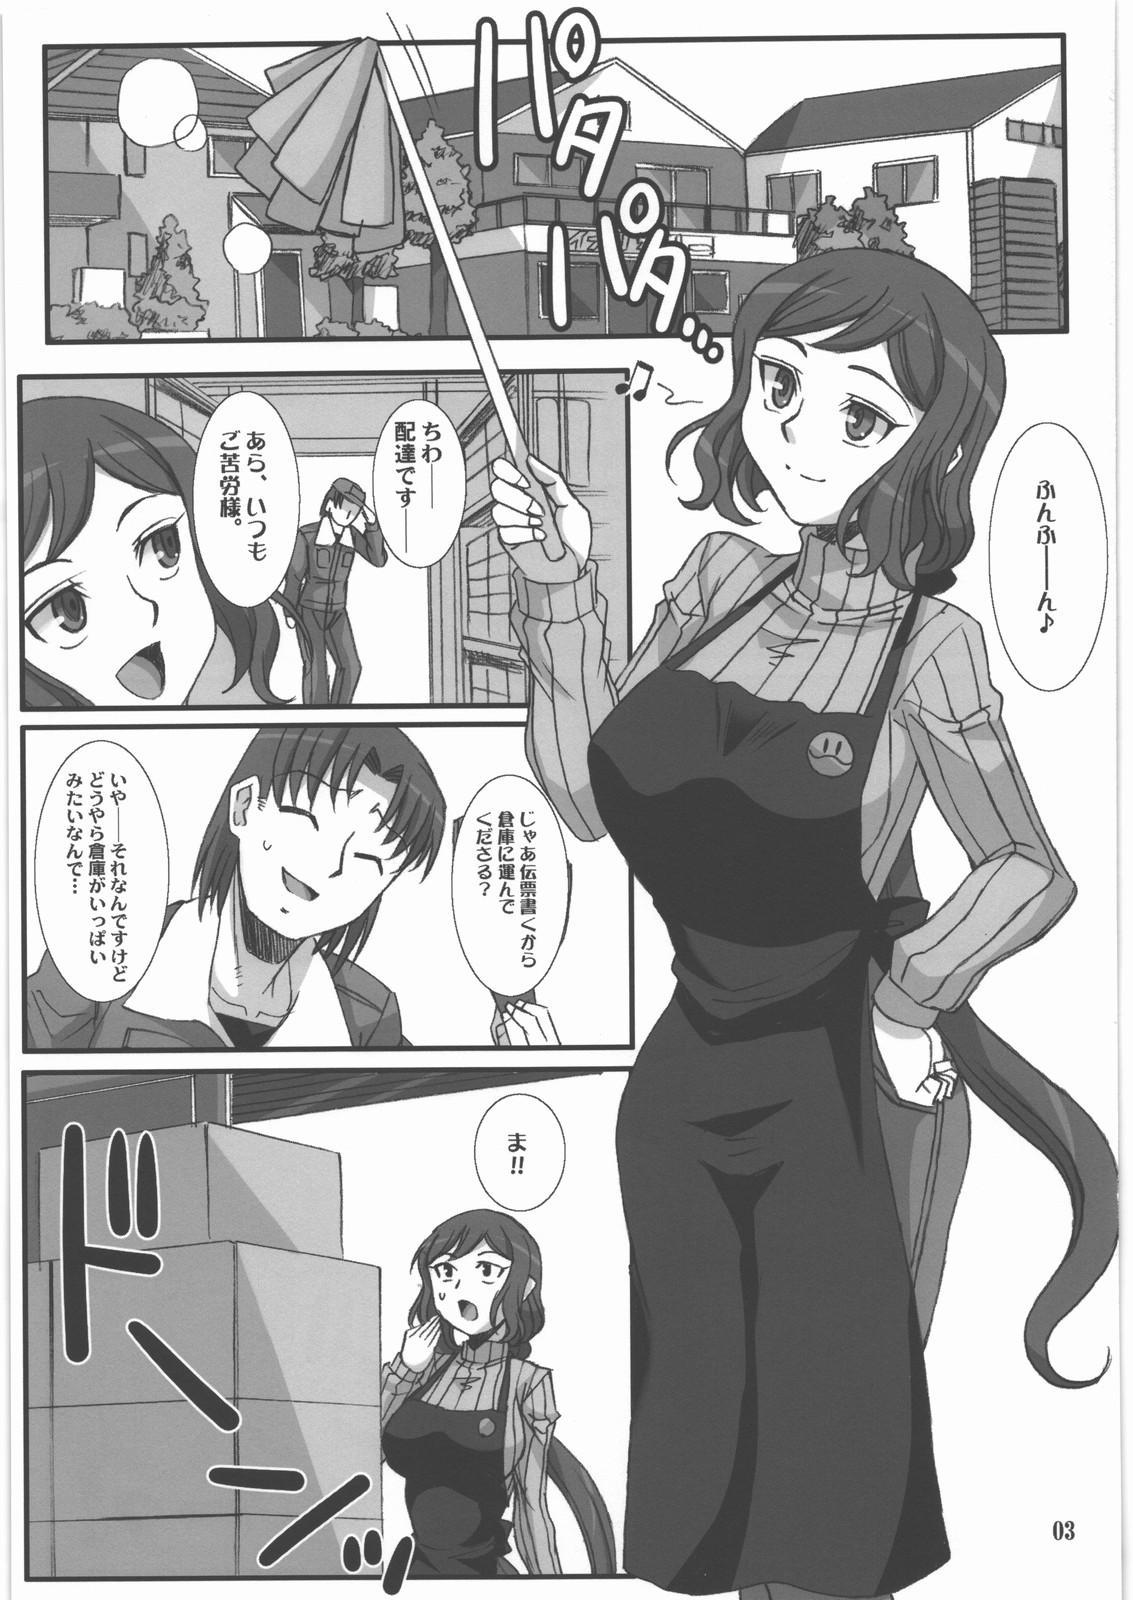 (C85) [H.B (B-RIVER)] Rin toshite Saku Hana no You ni - Saenai PlaMo-ya no Onna Tenshu ga Netorareru Monogatari (Gundam Build Fighters) 1